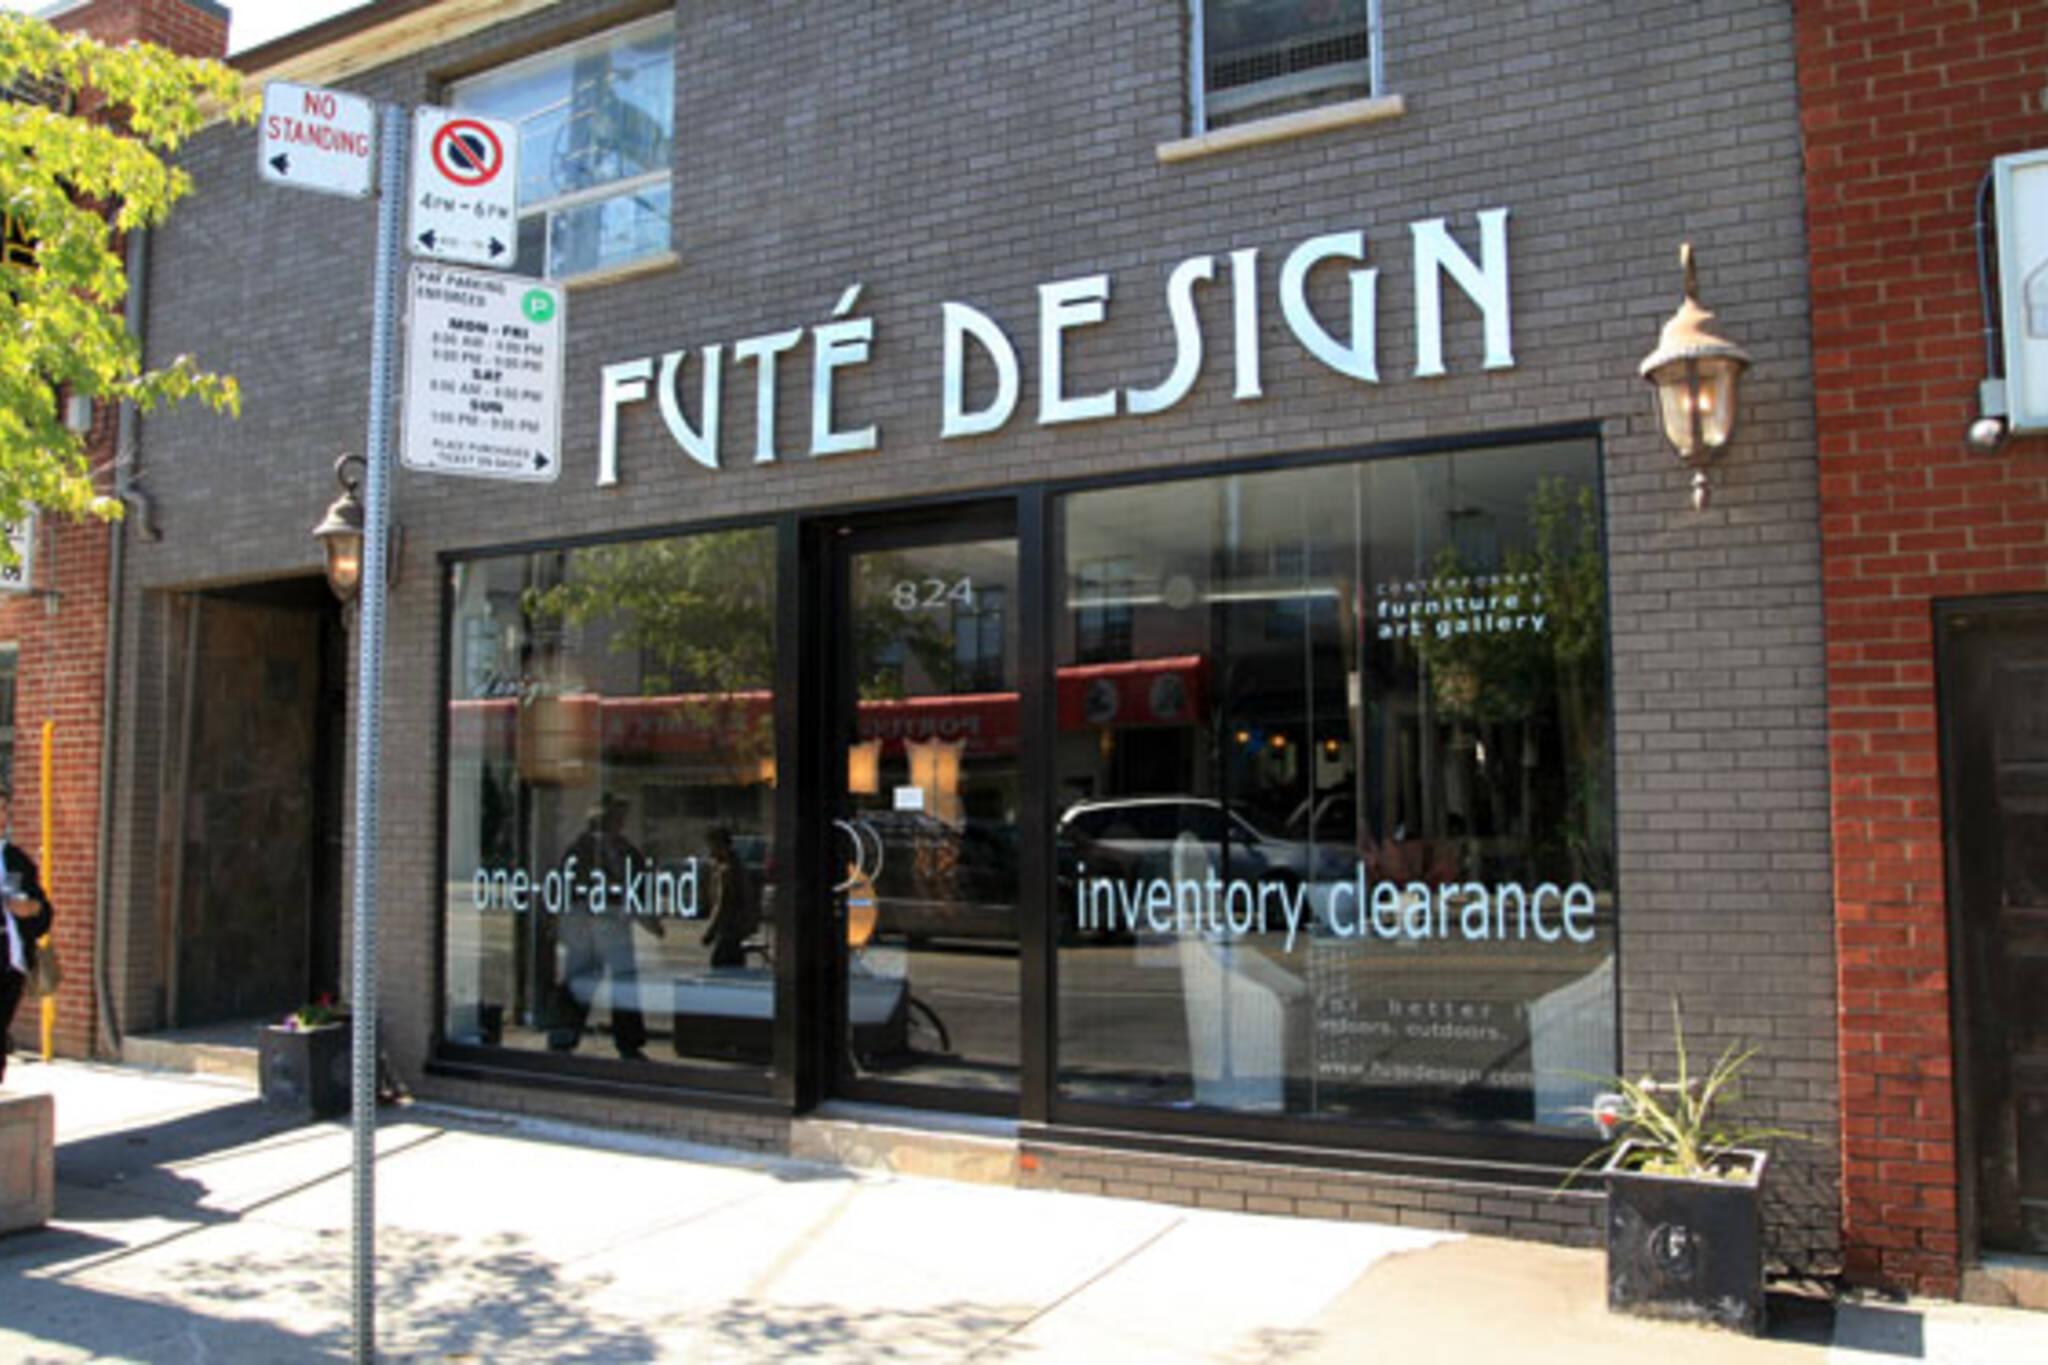 Fute Design